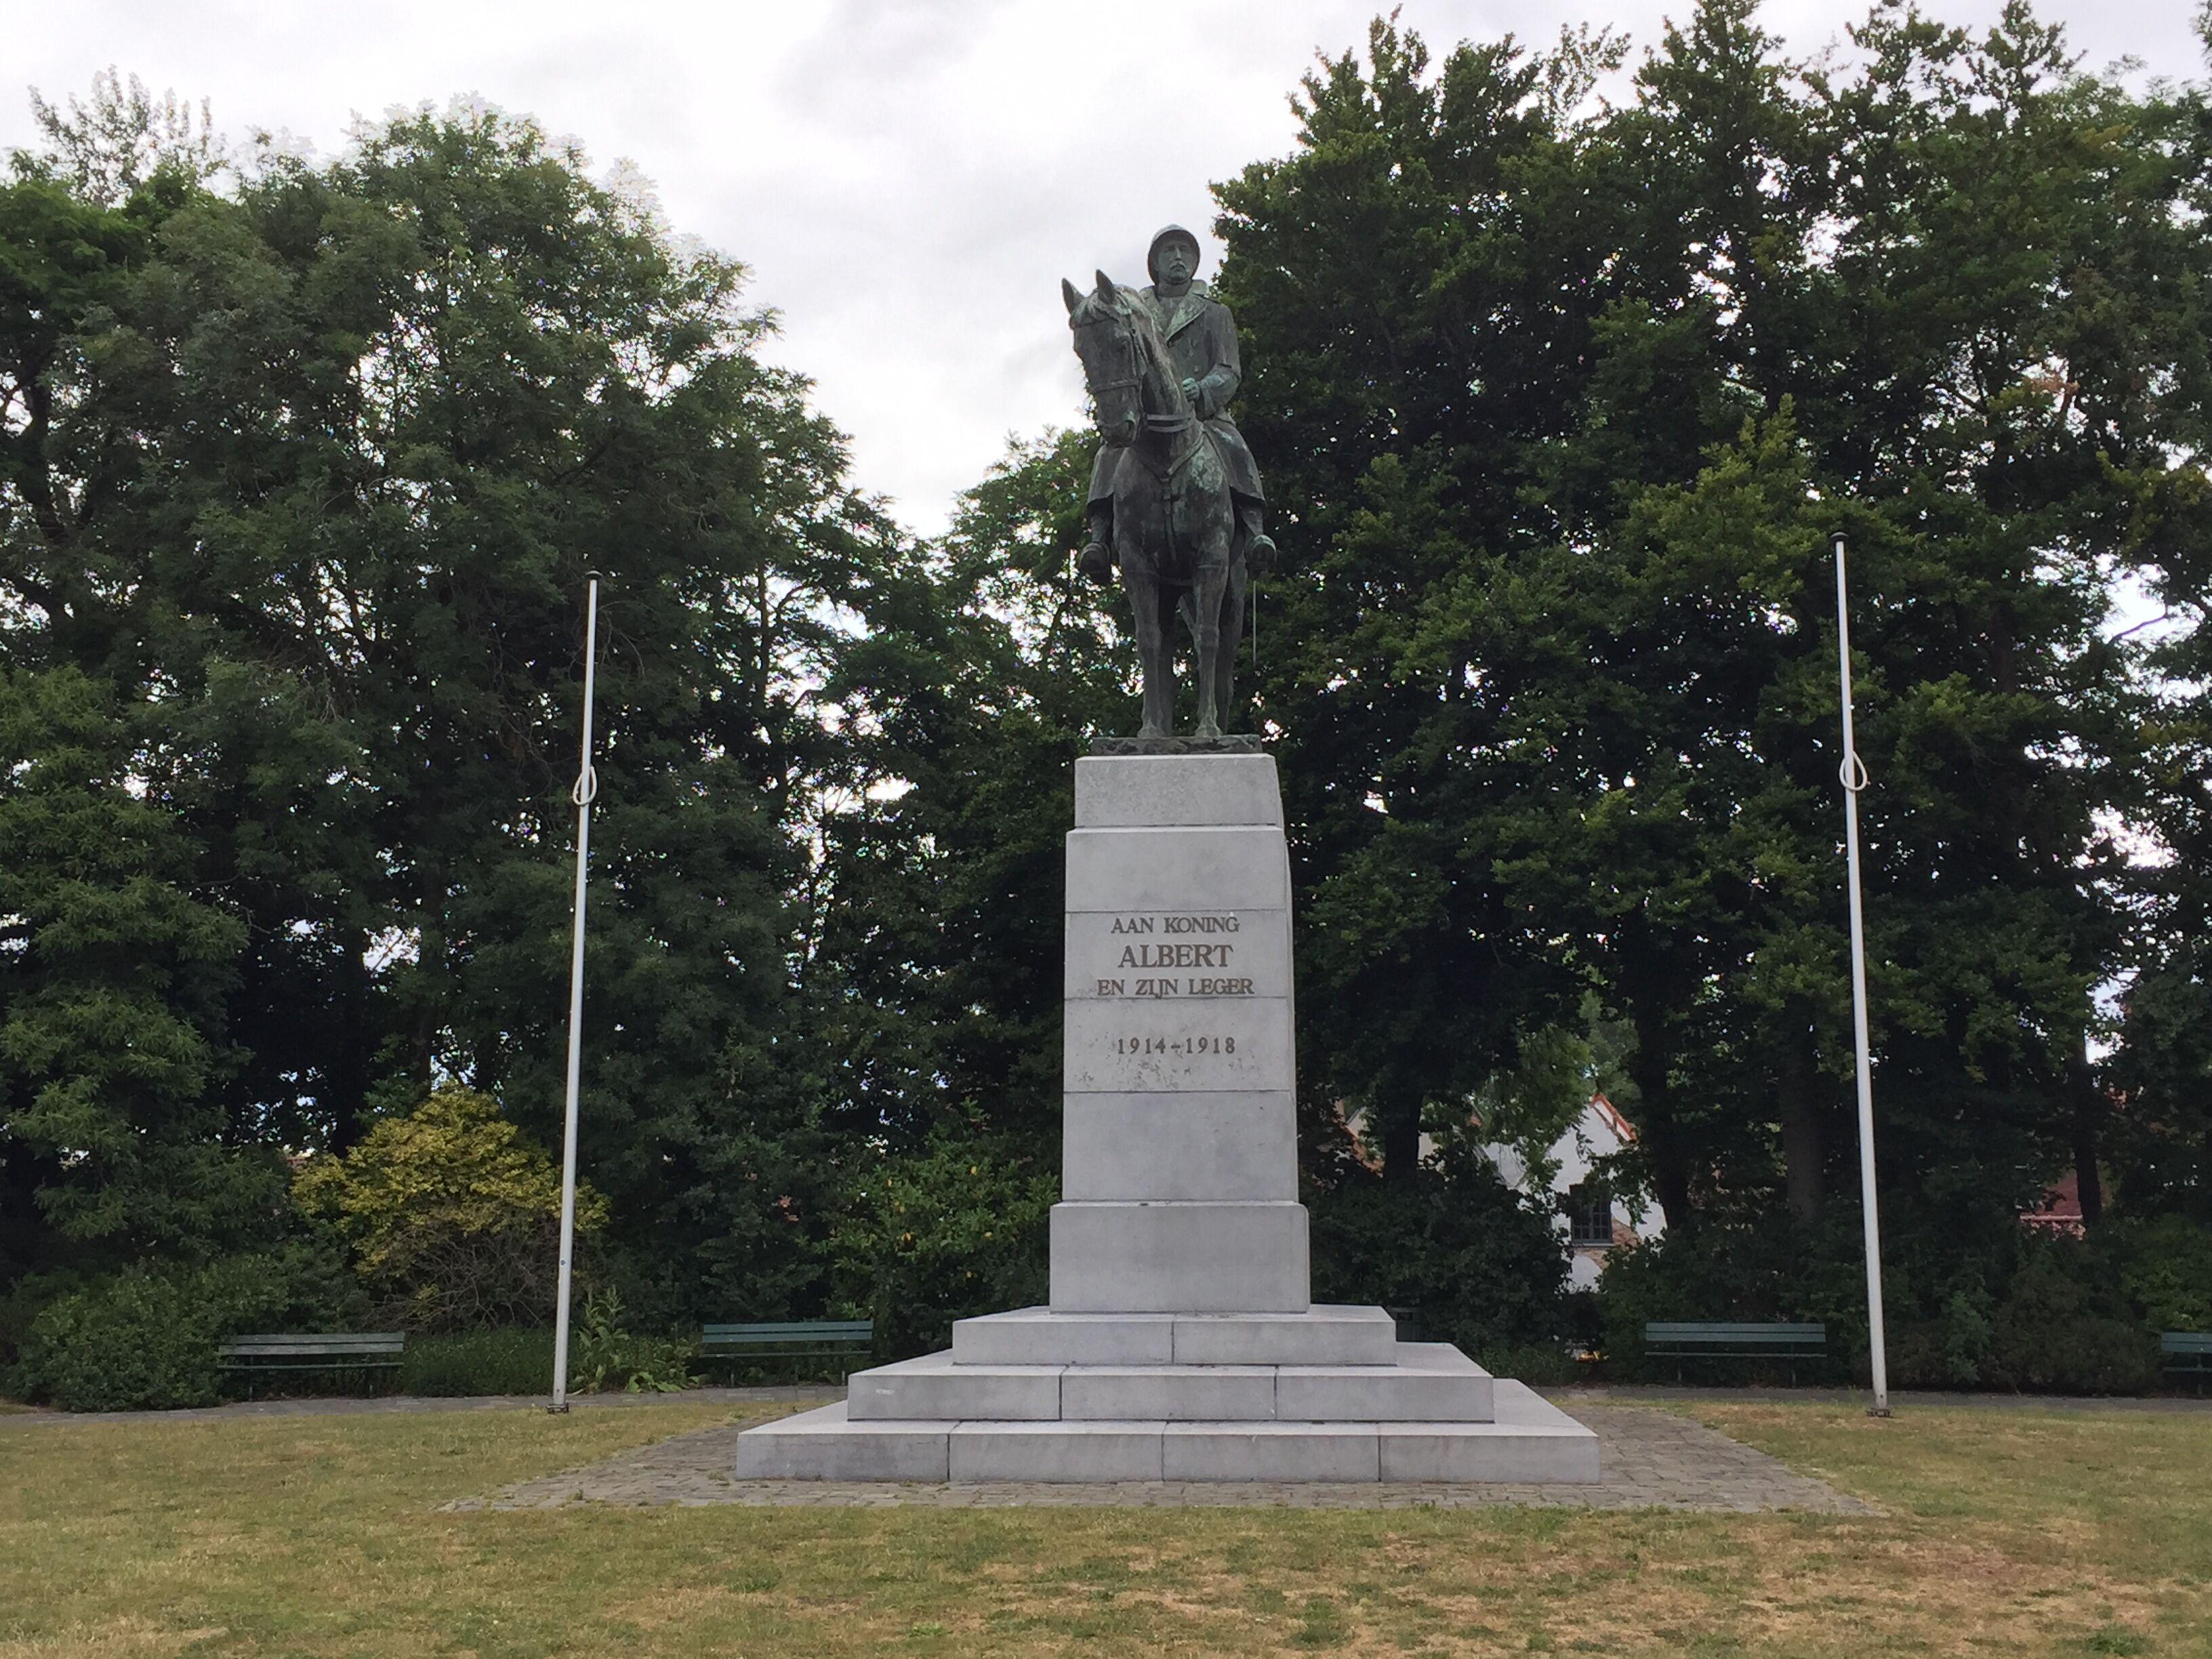 Monumento equestre dedicato ad Alberto I, re del Belgio e condottiero dell'esercito durante la Prima guerra mondiale